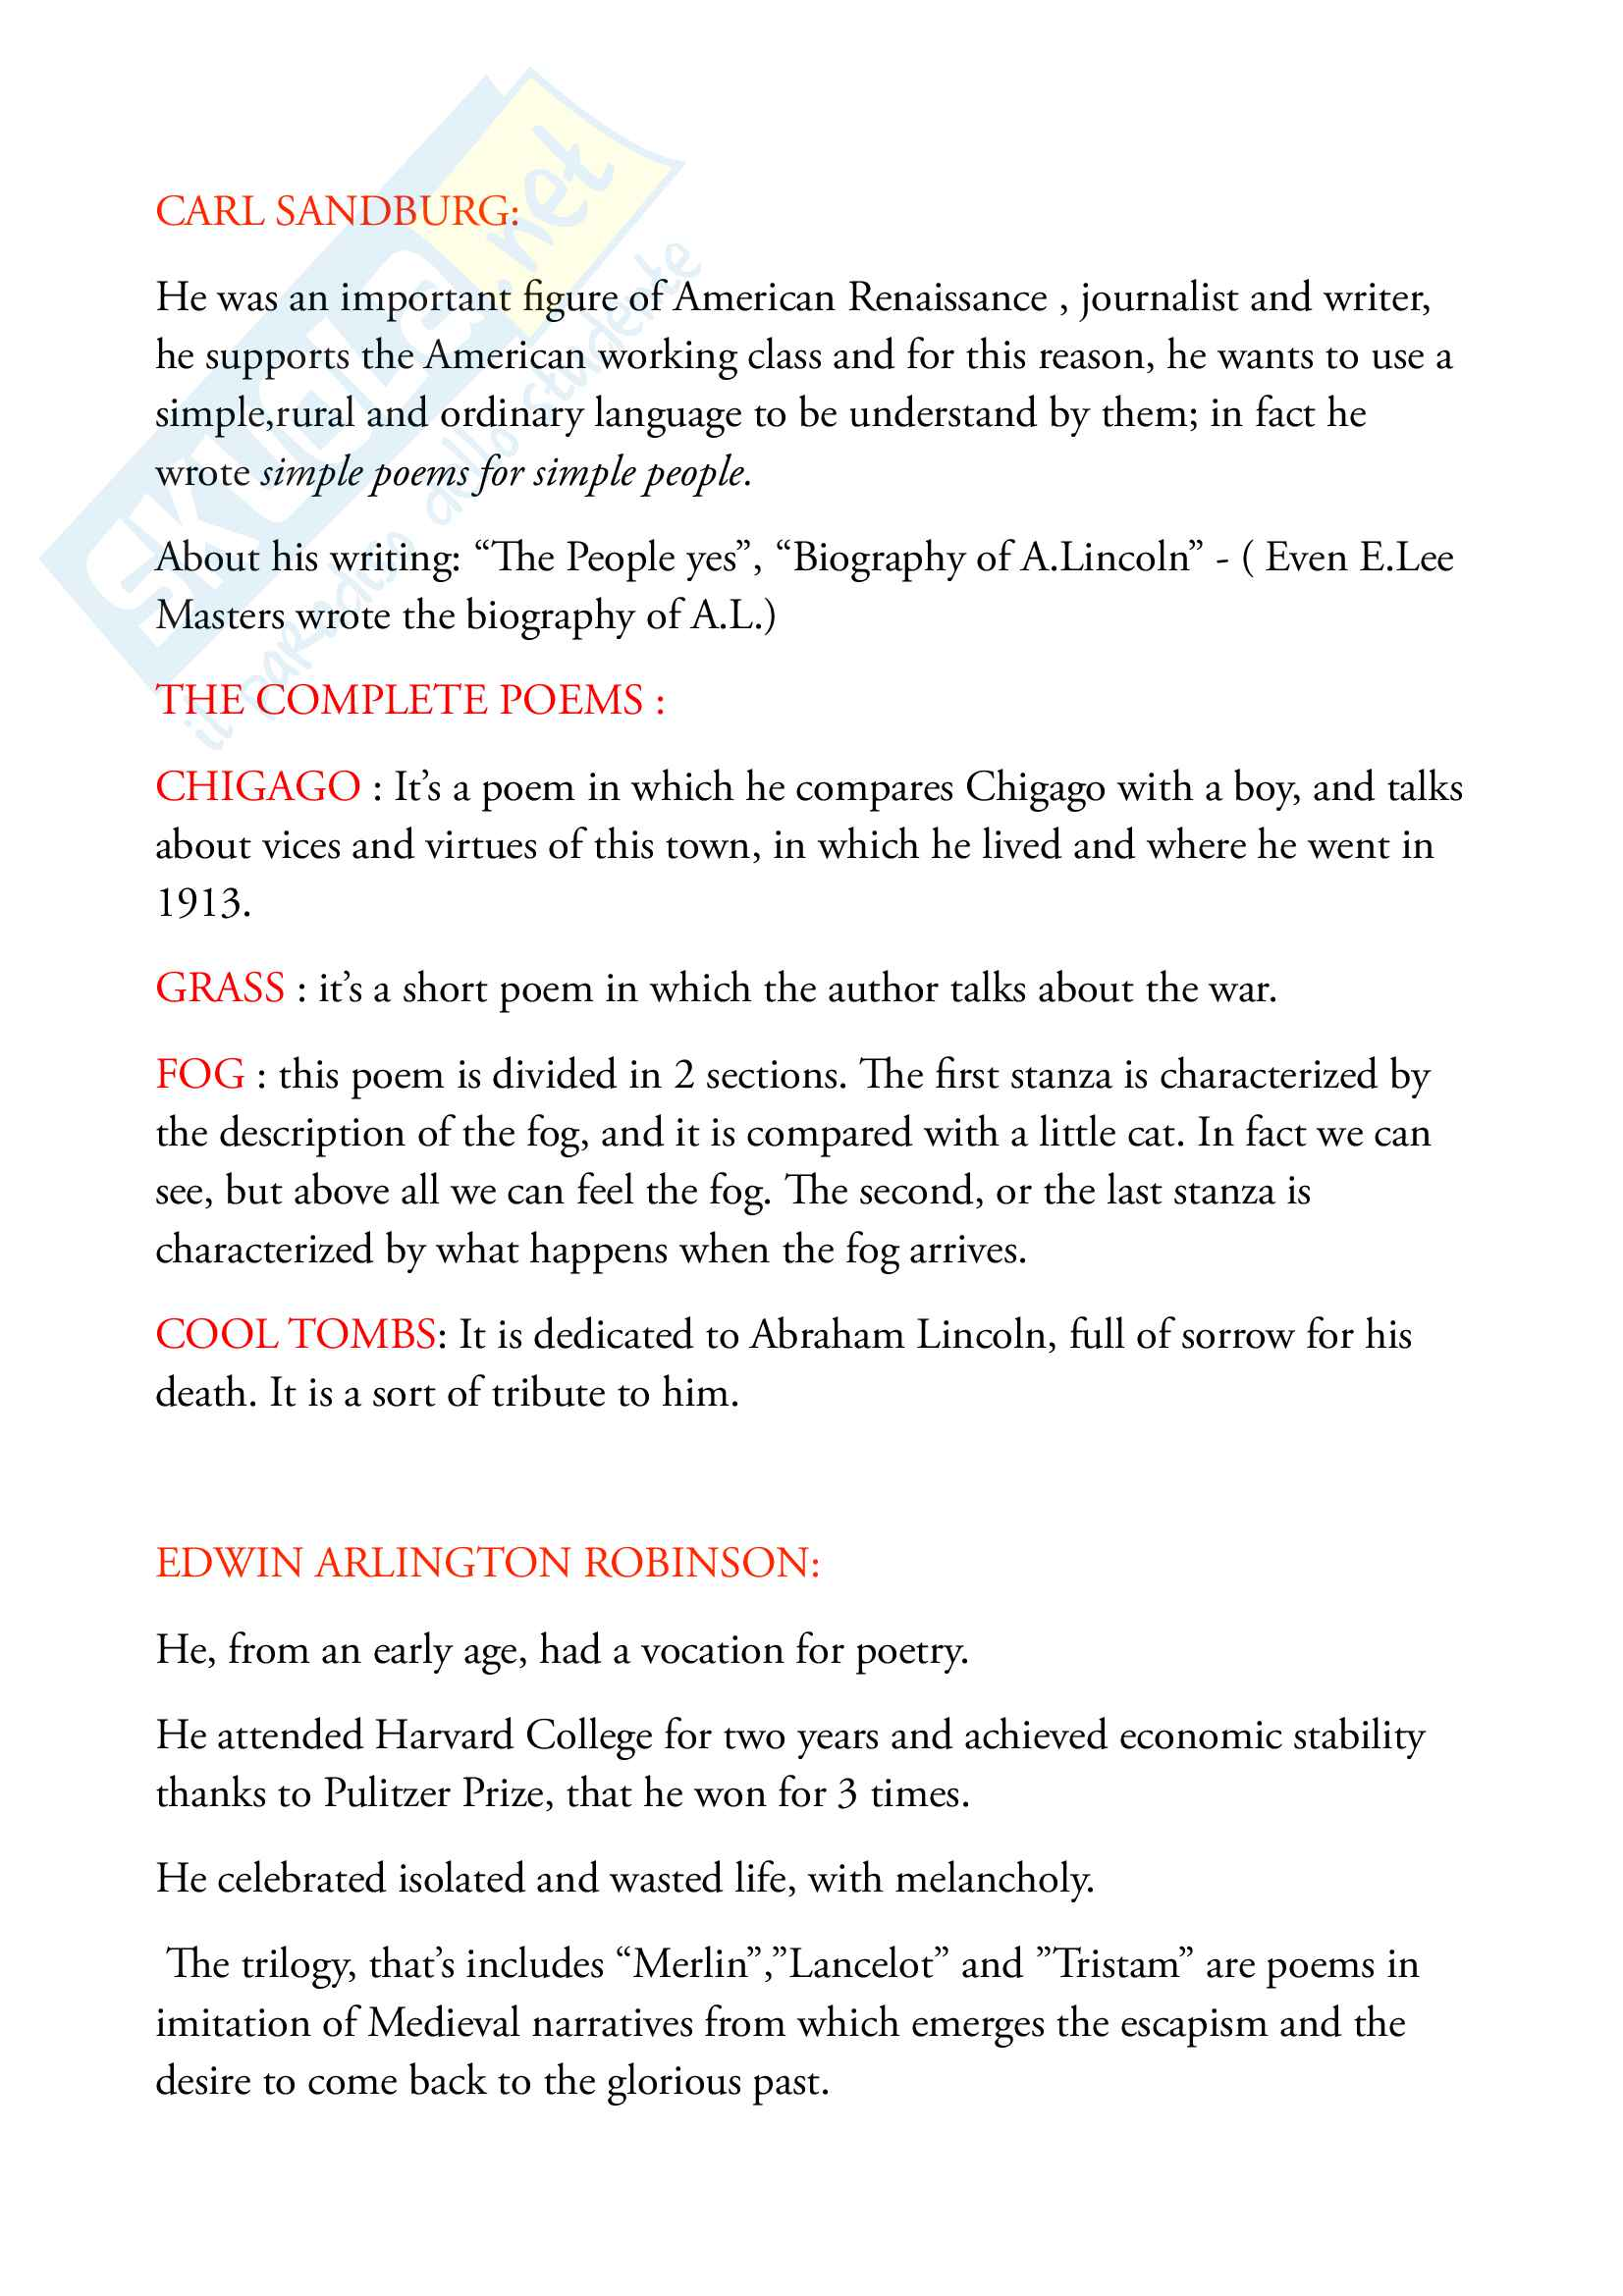 Appunti e riassunti di Letterature Anglo-americane, prof. Kidder